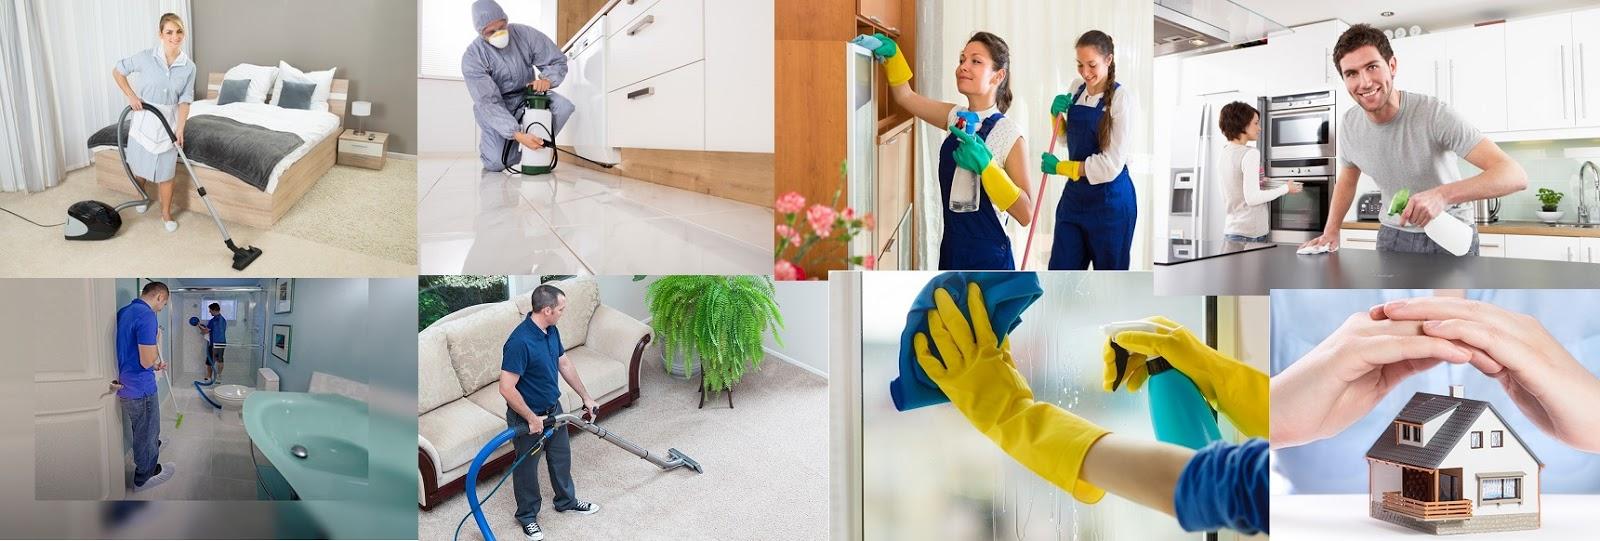 شركة تنظيف فى دبى 0563350658